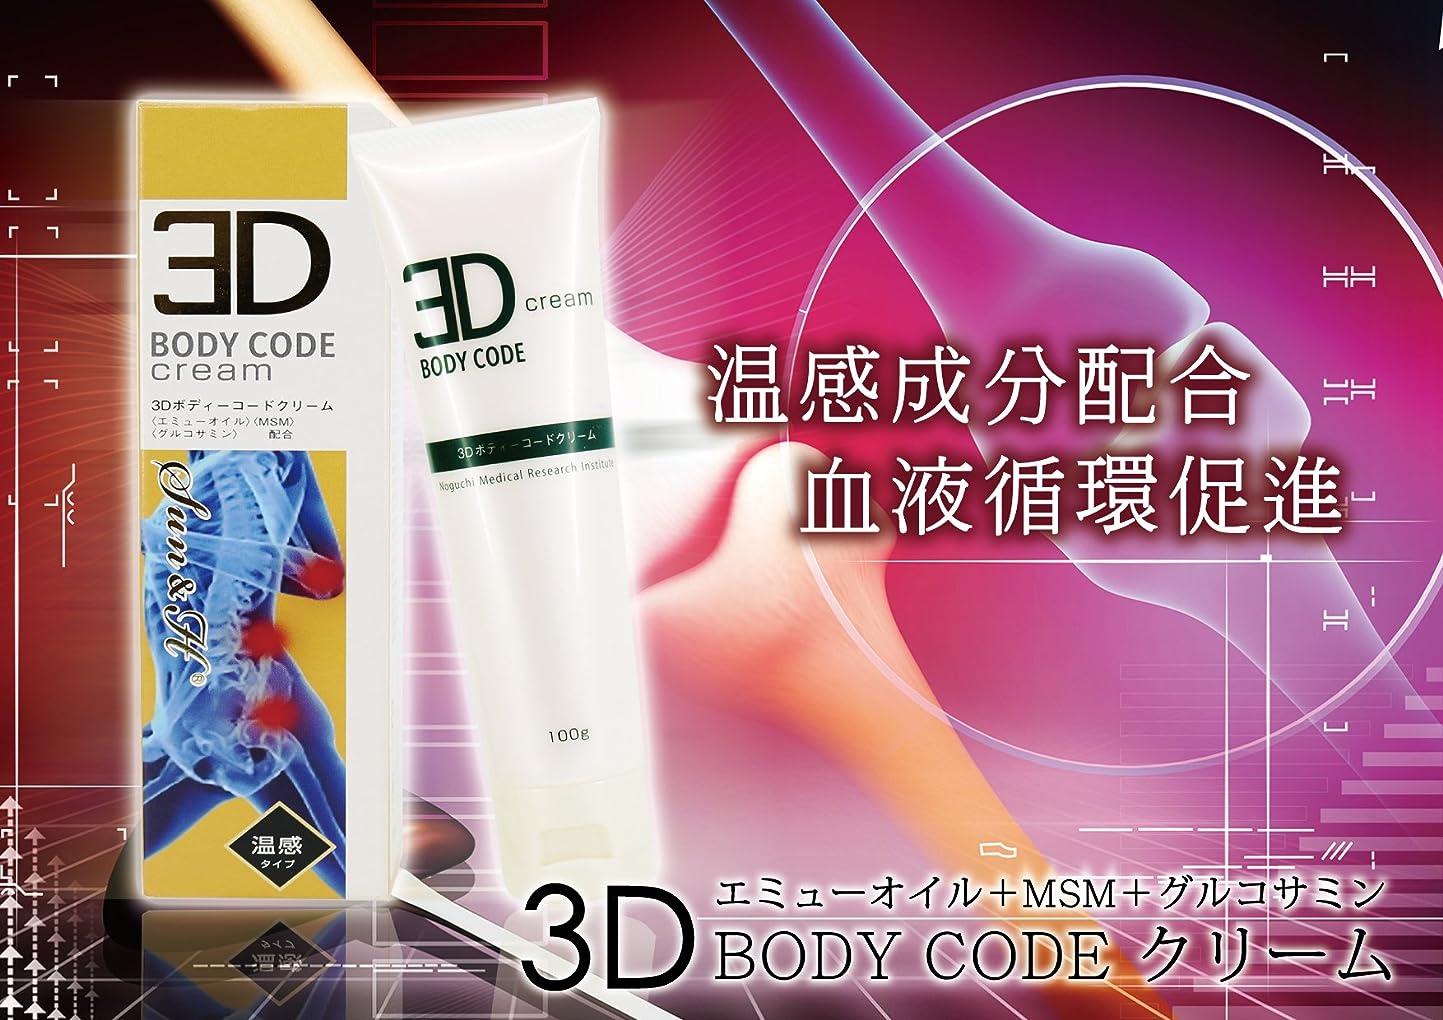 匹敵しますラフト救出◎日本製◎野口医学研究所 温感3Dボディコードクリーム 100g エミューオイル+MSM+グルコサミン